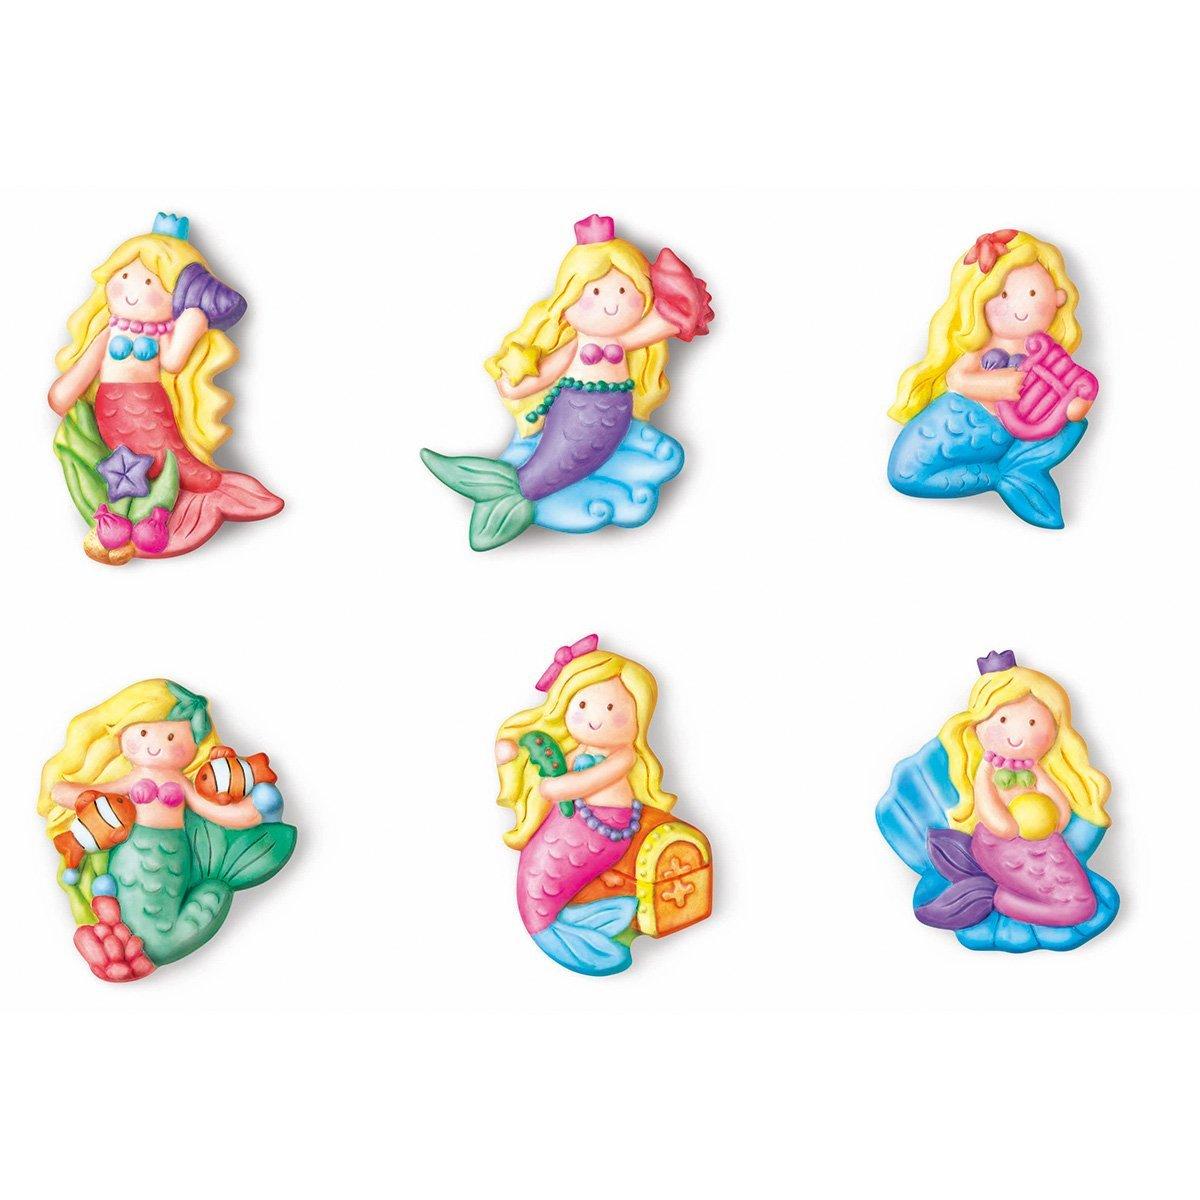 4m 石膏彩模系列 闪闪美人鱼 创意美术手工diy玩具图片